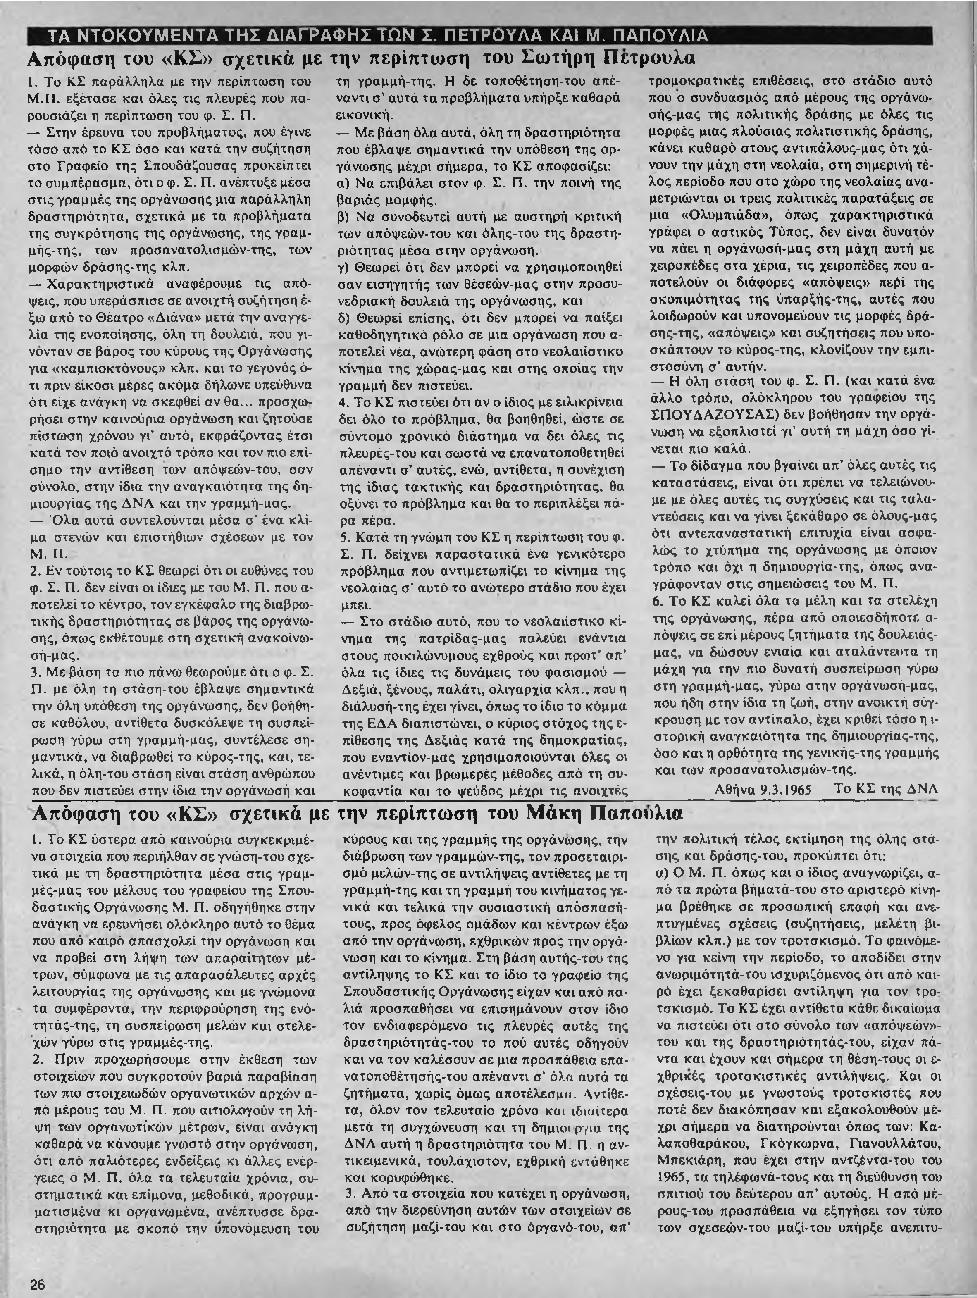 Σωτήρης Πέτρουλας και Μάκης Παπούλιας: Τα ντοκουμέντα της διαγραφής από ΔΝΛ Νεολαία Λαμπράκη, 09/03/1965. Βαριά μομφή στον Πέτρουλα, διαγραφή στον Παπούλια.